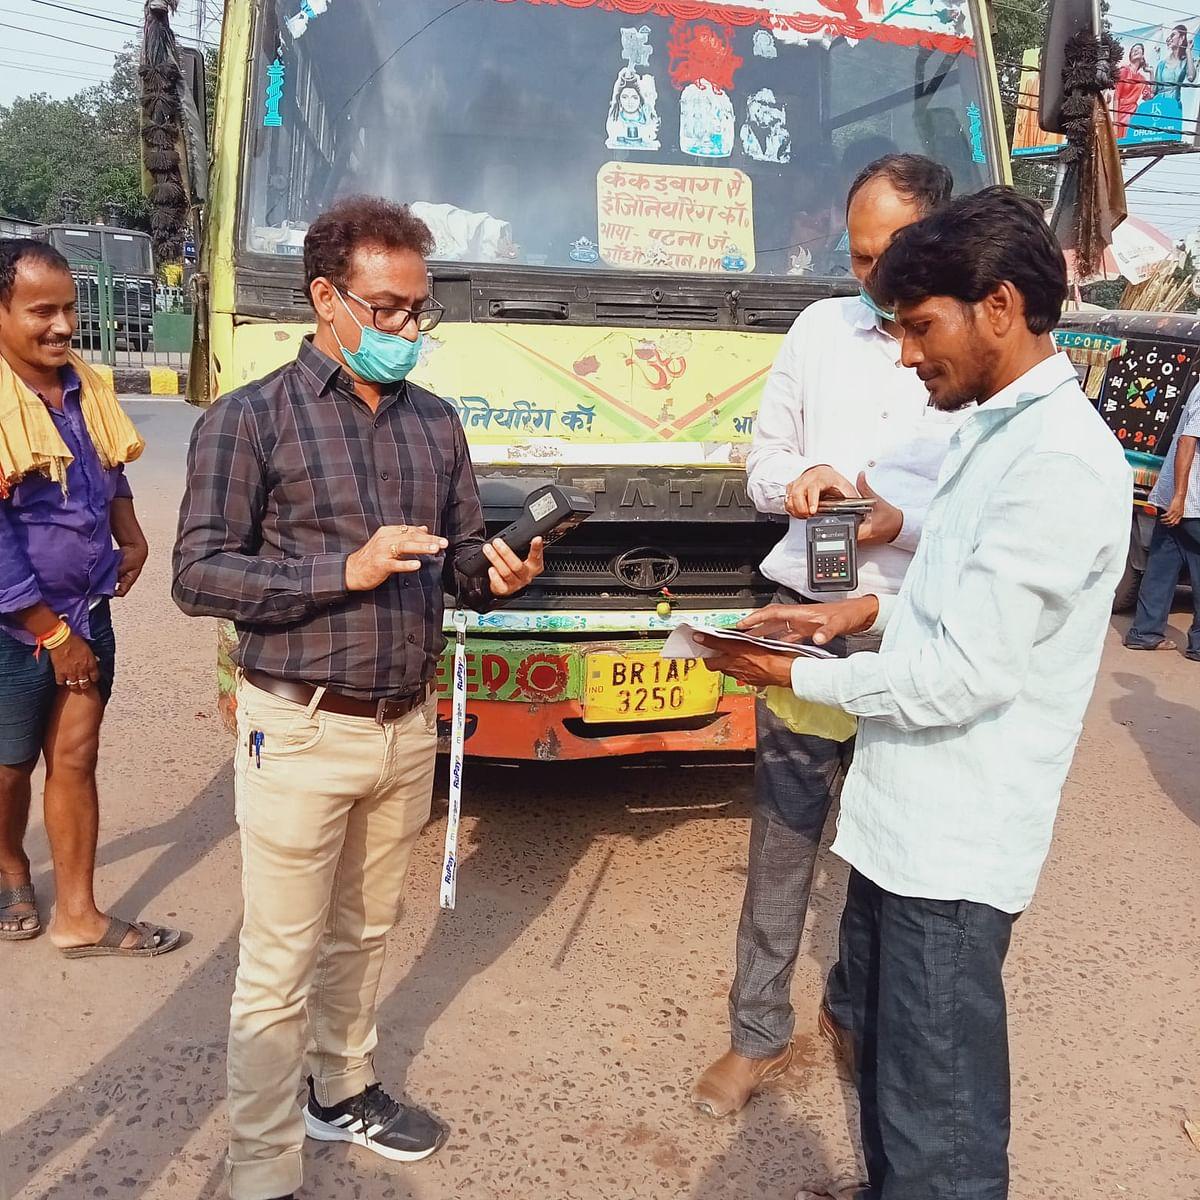 Bihar Transport News: हेलमेट-सीटबेल्ट के साथ सभी जिलों में चला प्रदूषण एवं परमिट  जांच अभियान